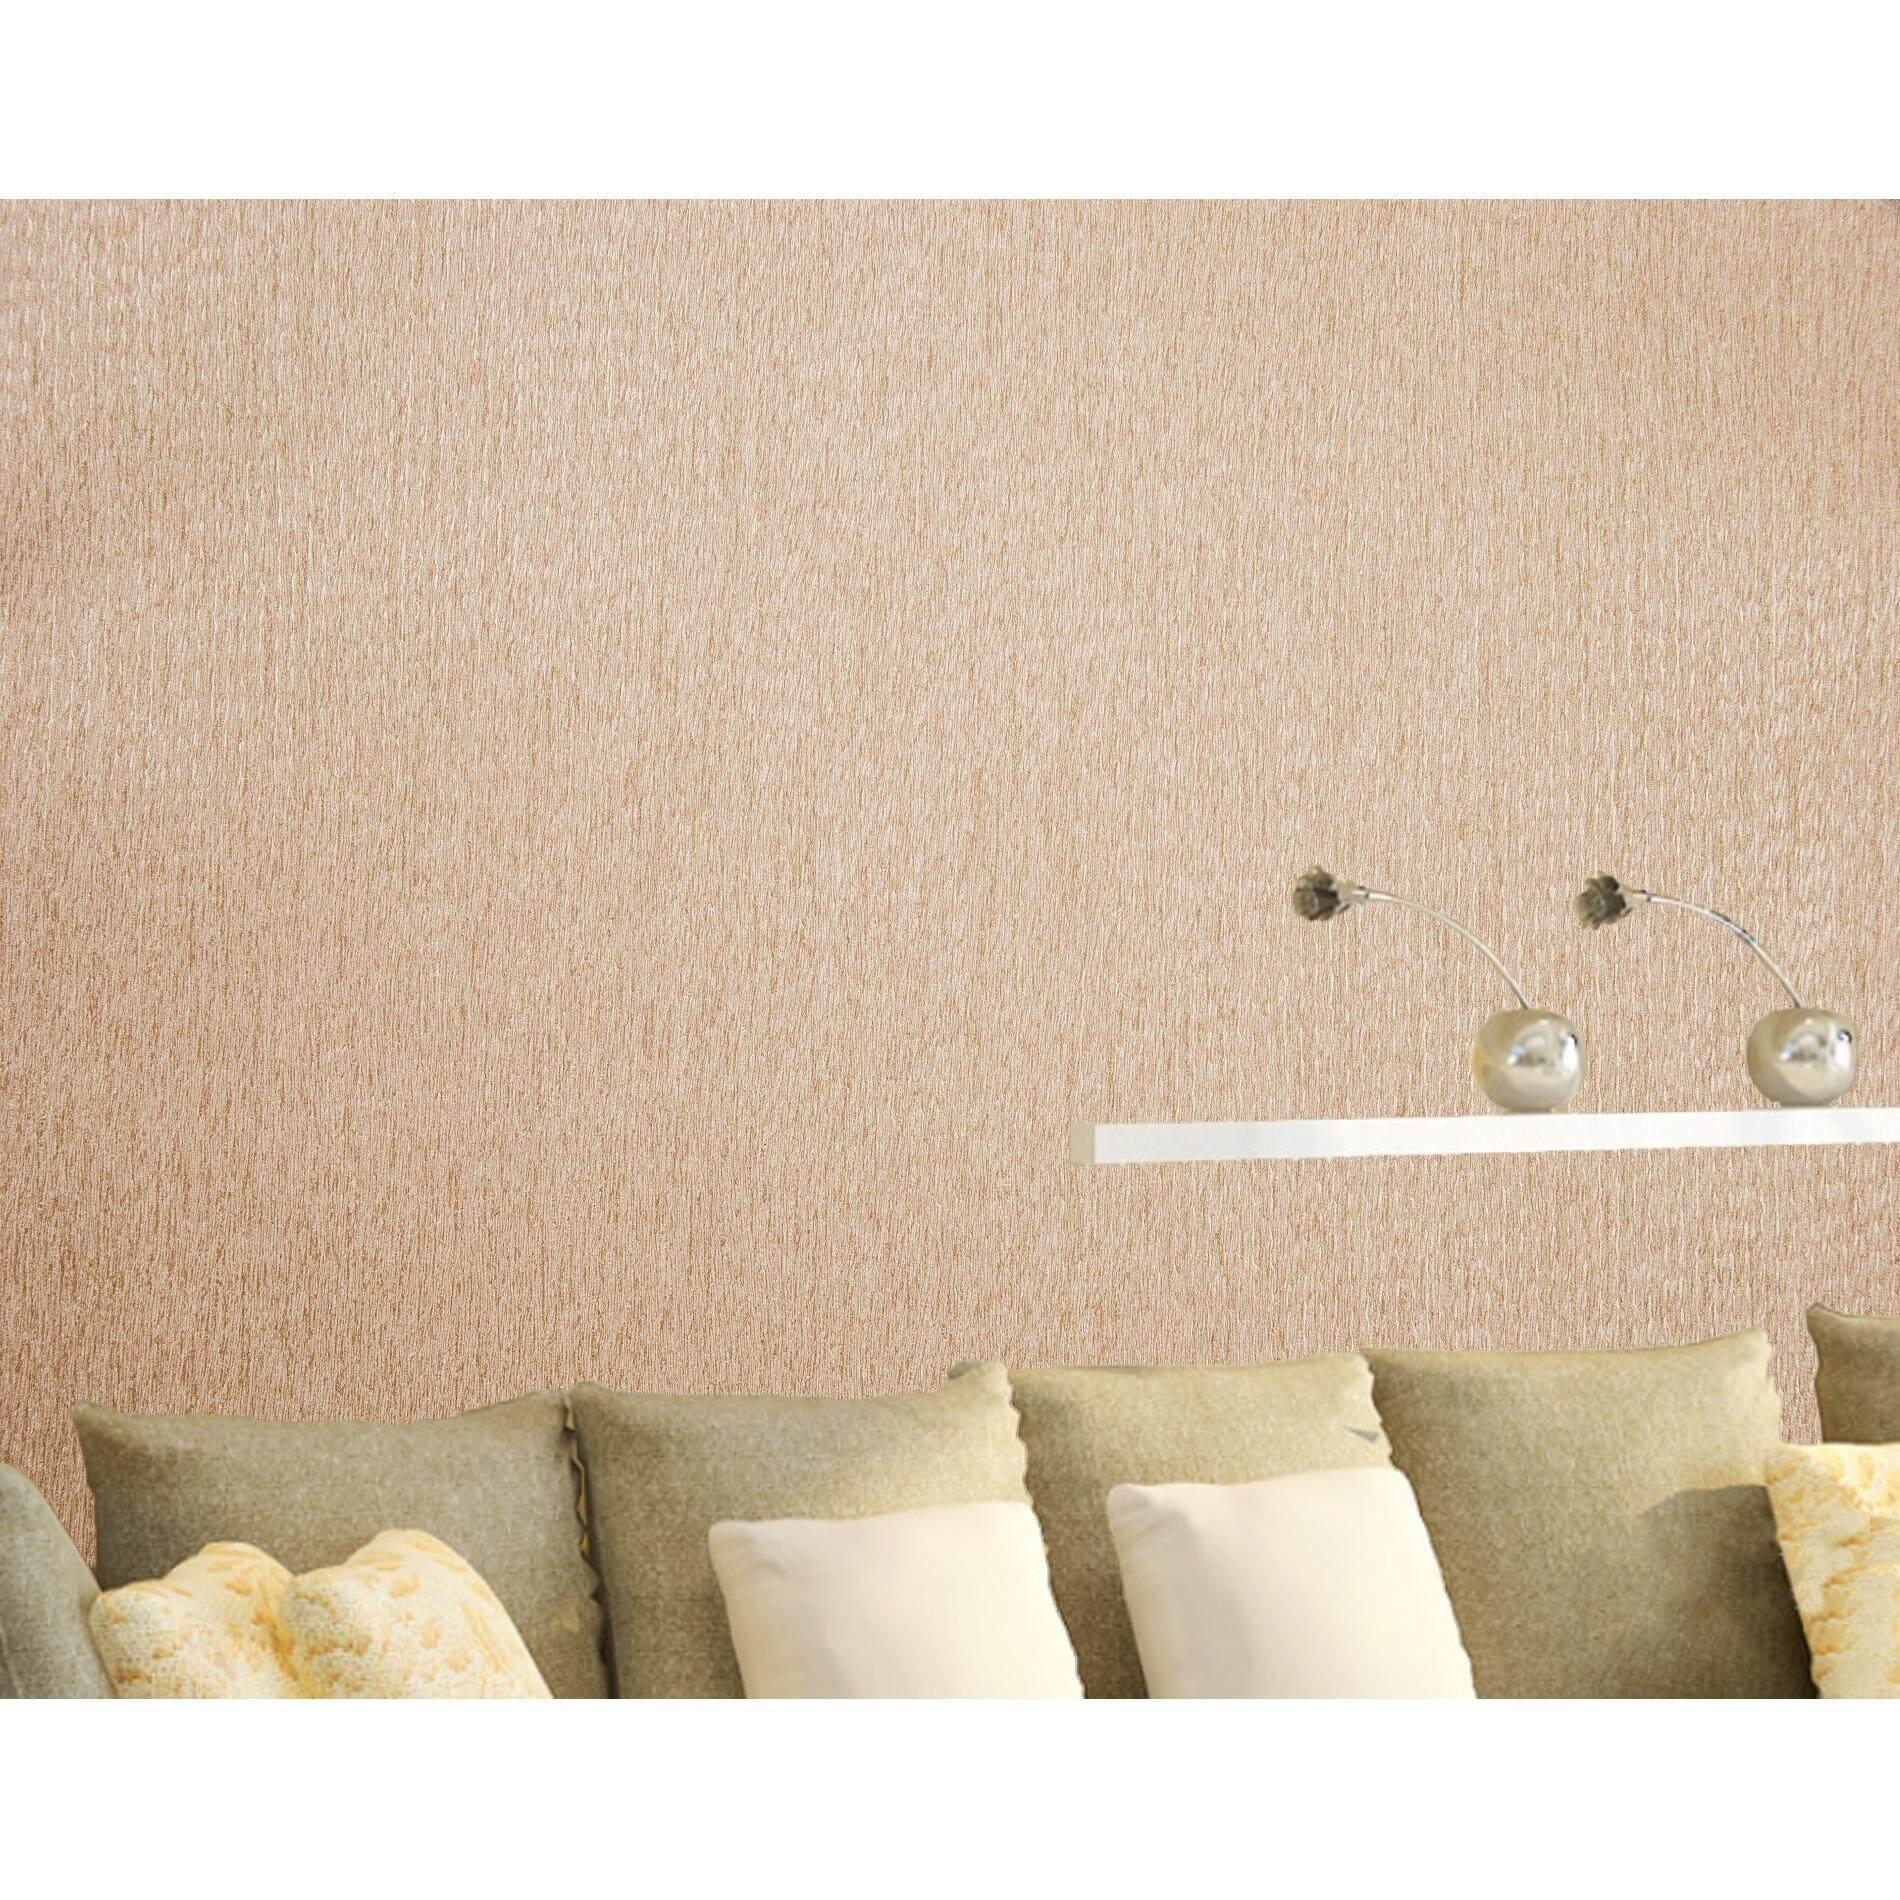 ขาย Homily Wallpaper Lxr รุ่น Re 930103 โทนสีทอง ลายตรง ราคาถูกที่สุด